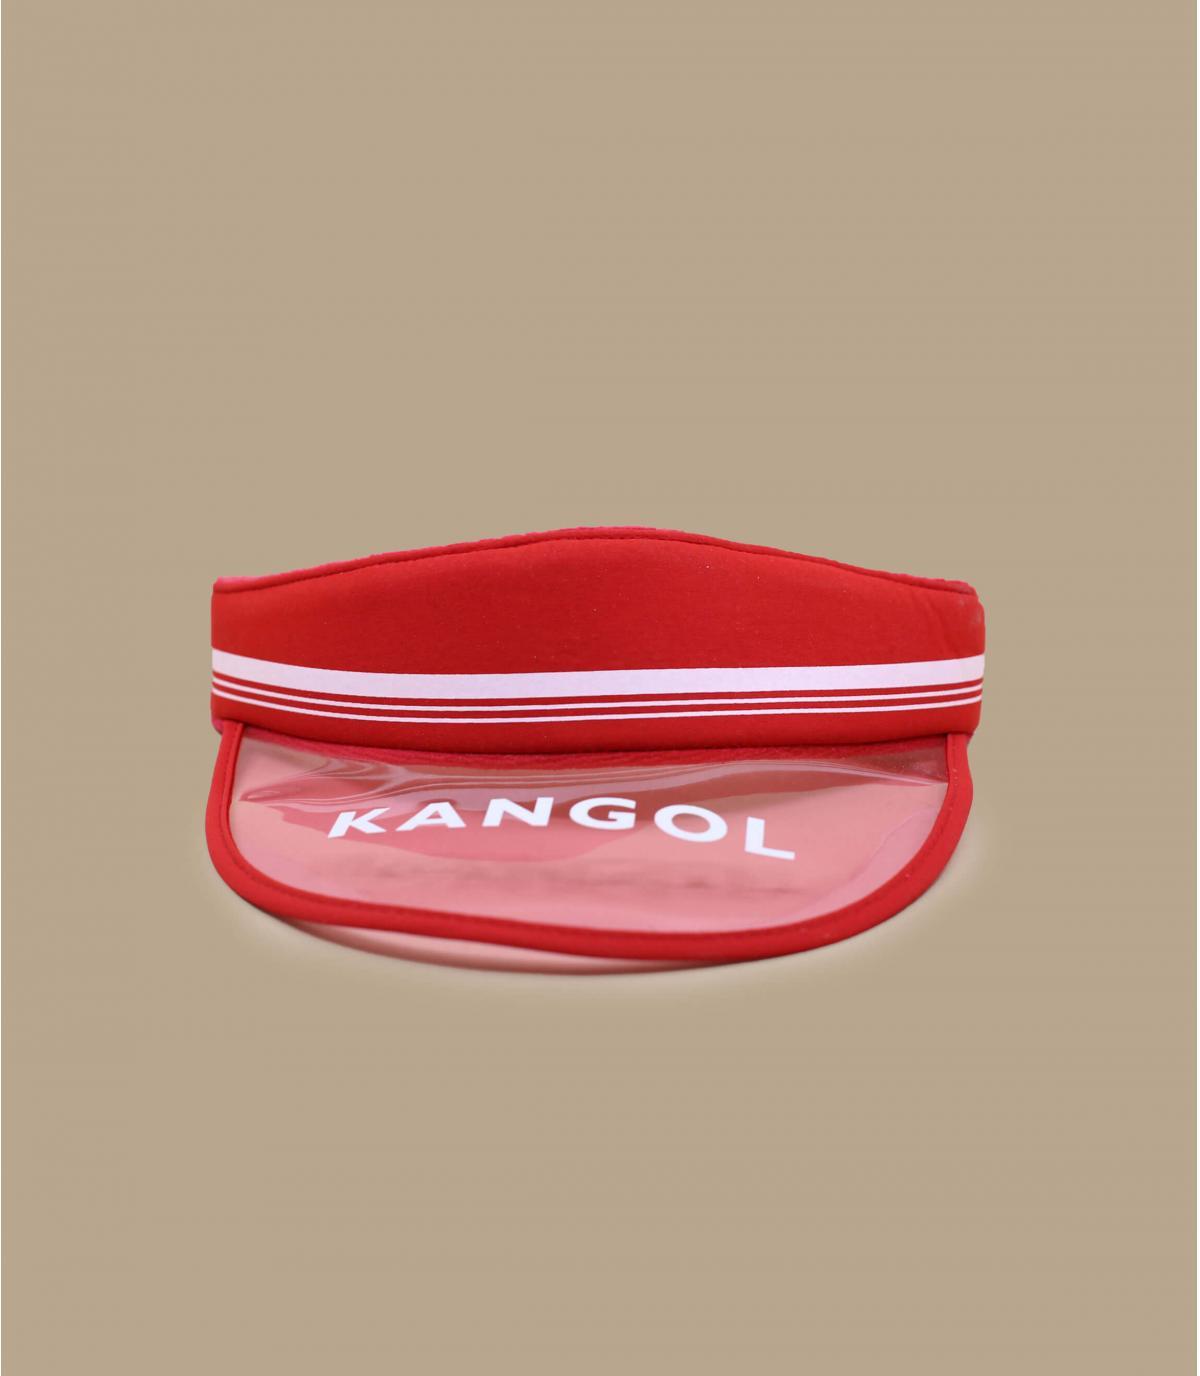 Red Kangol peak.